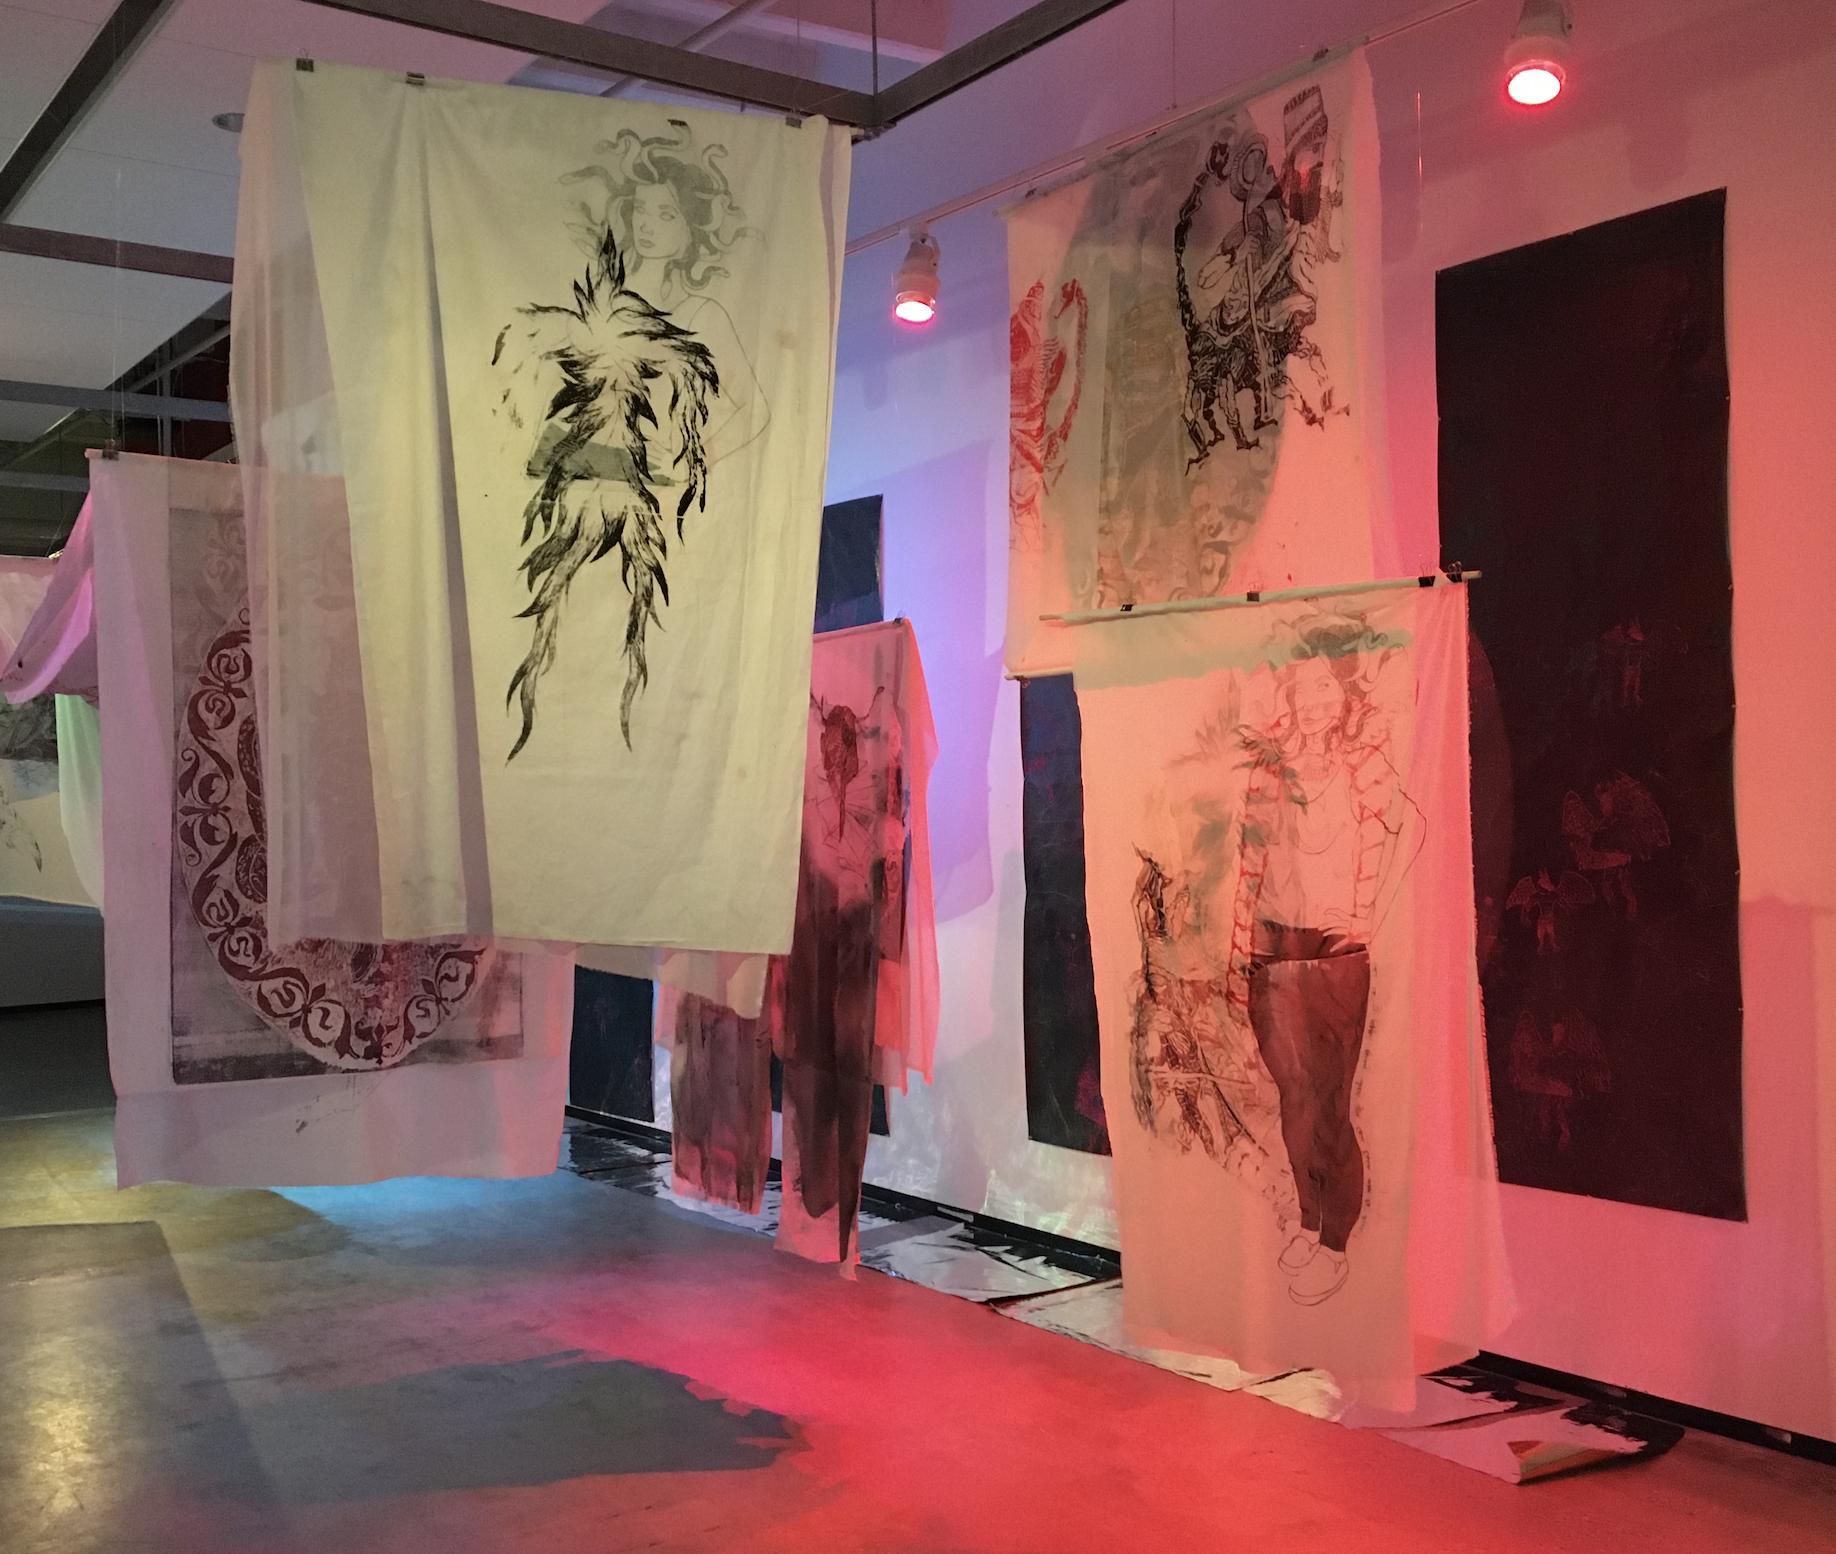 Frostic School of Art